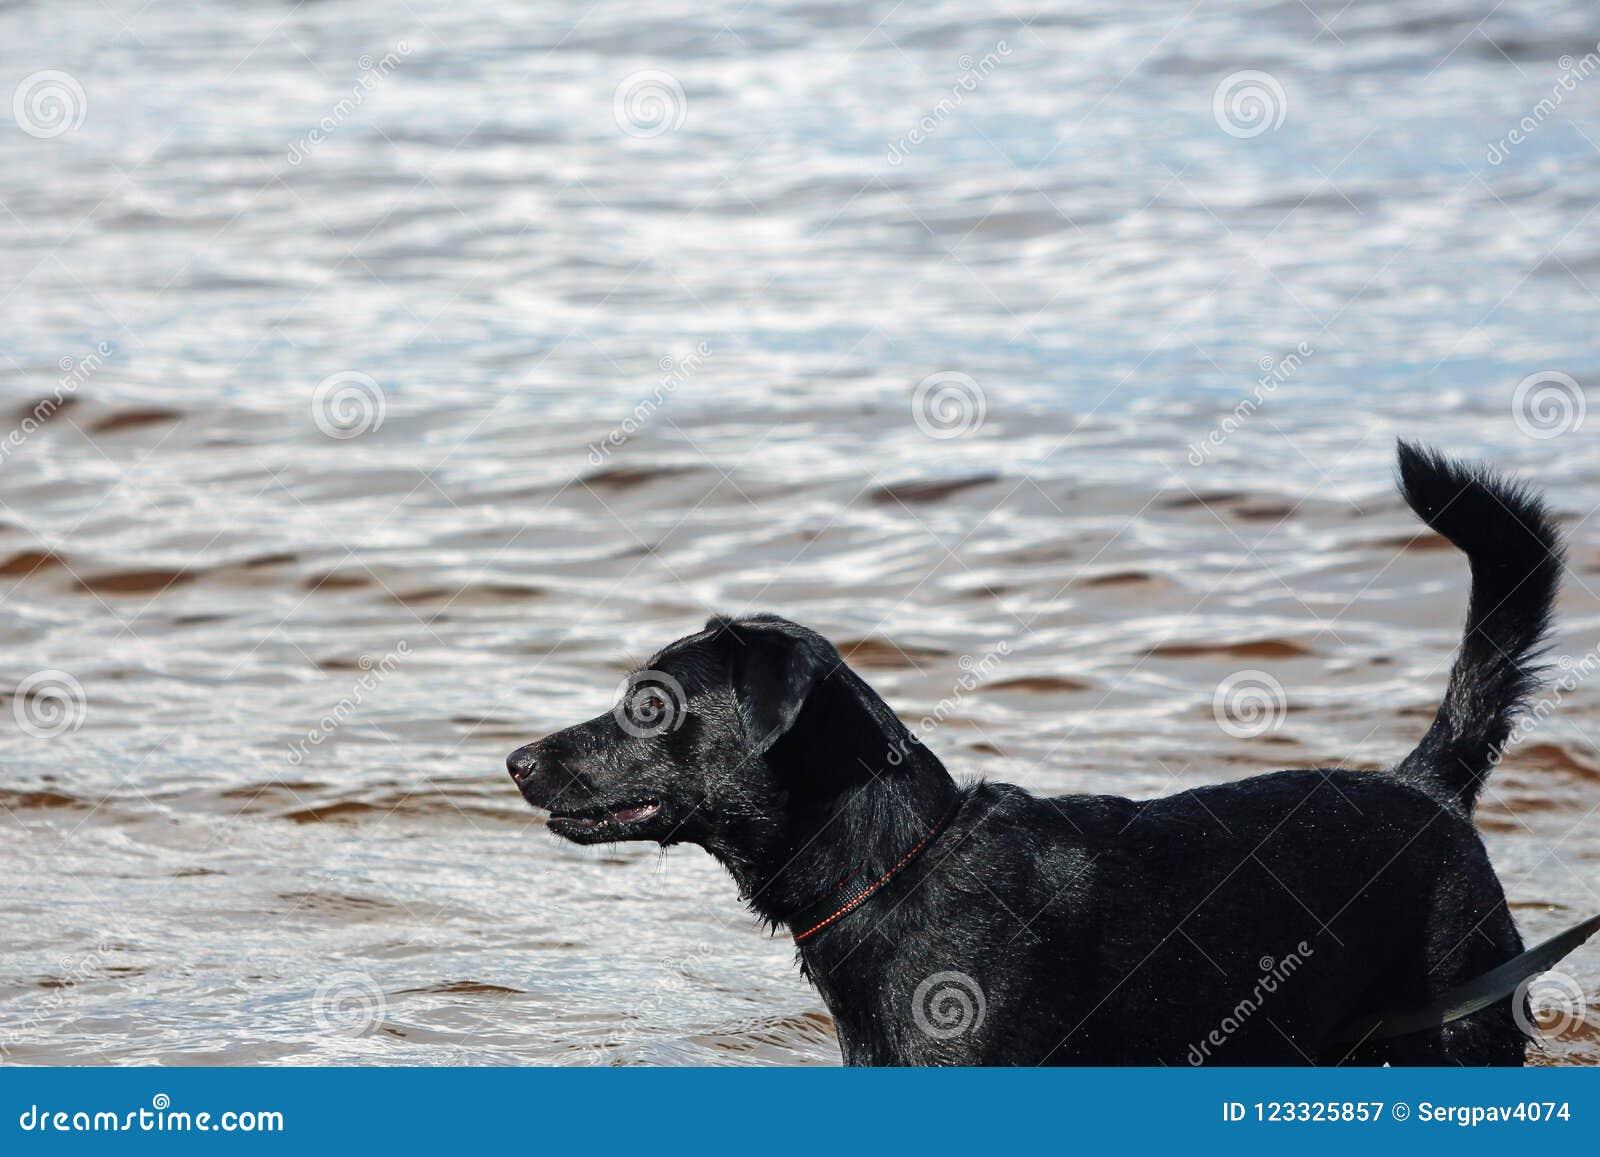 Mokry czarny pies w wodzie